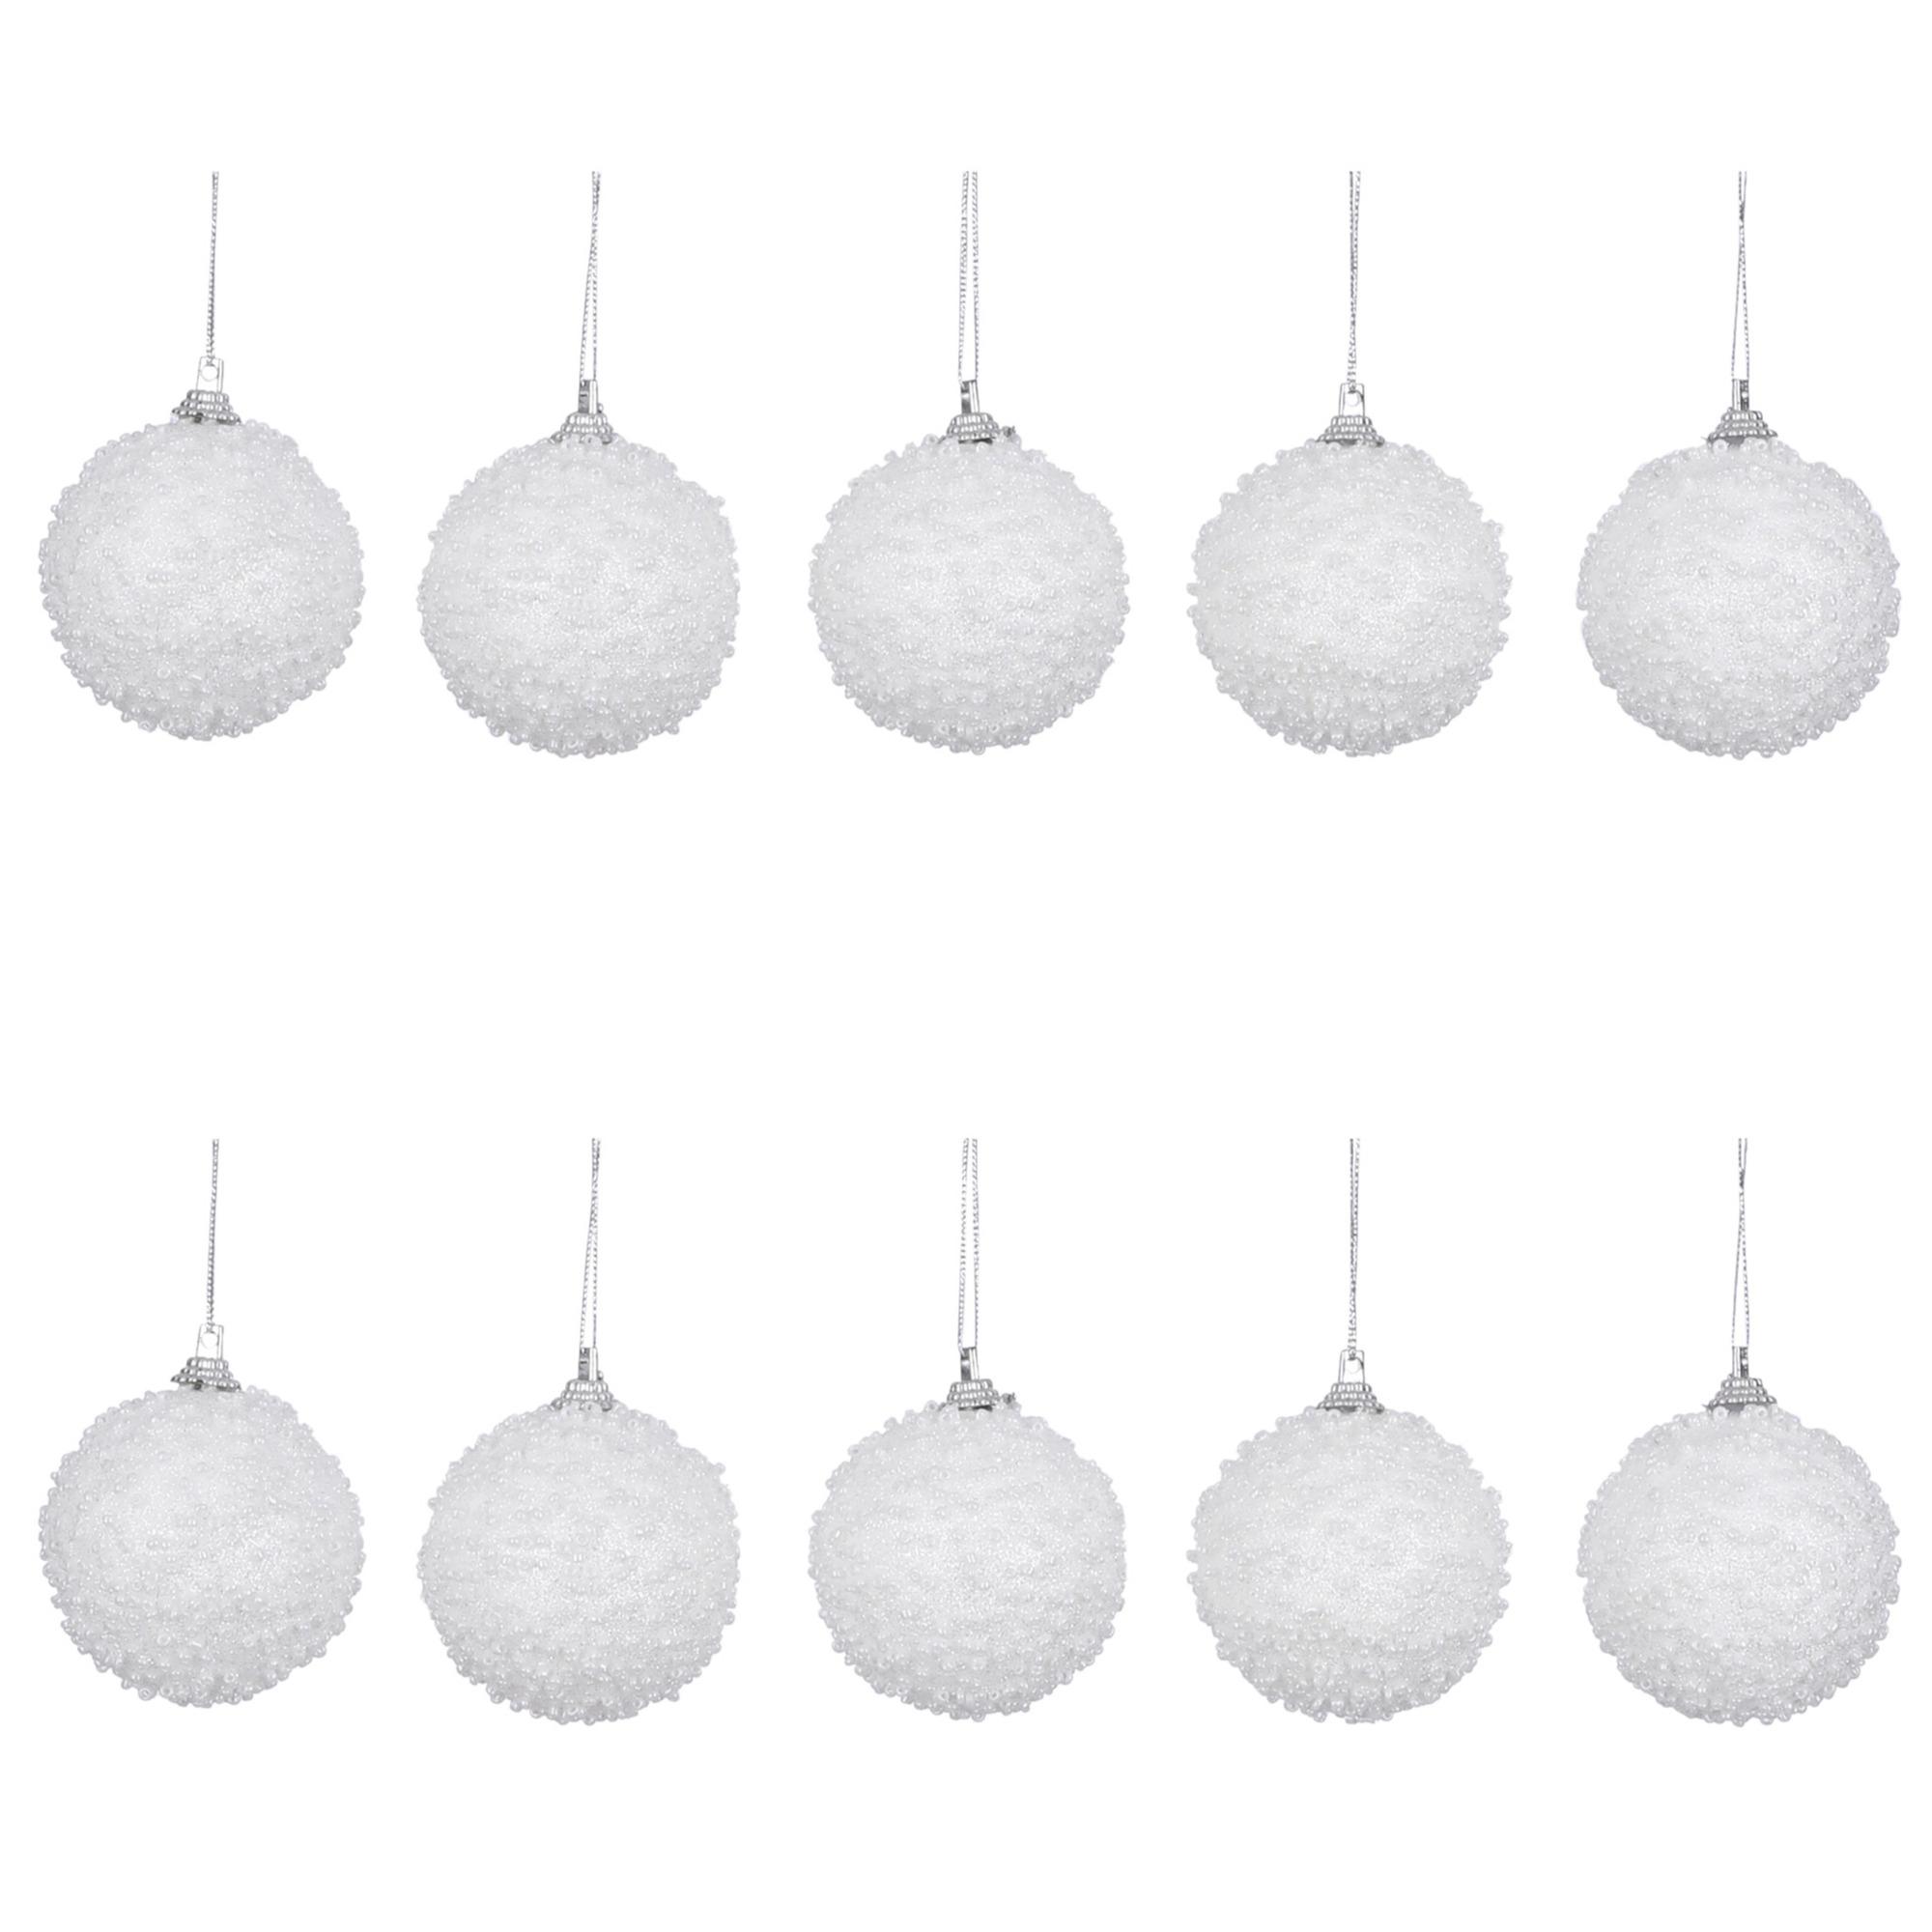 10x Witte sneeuwballen kerstballen van foam 6 cm